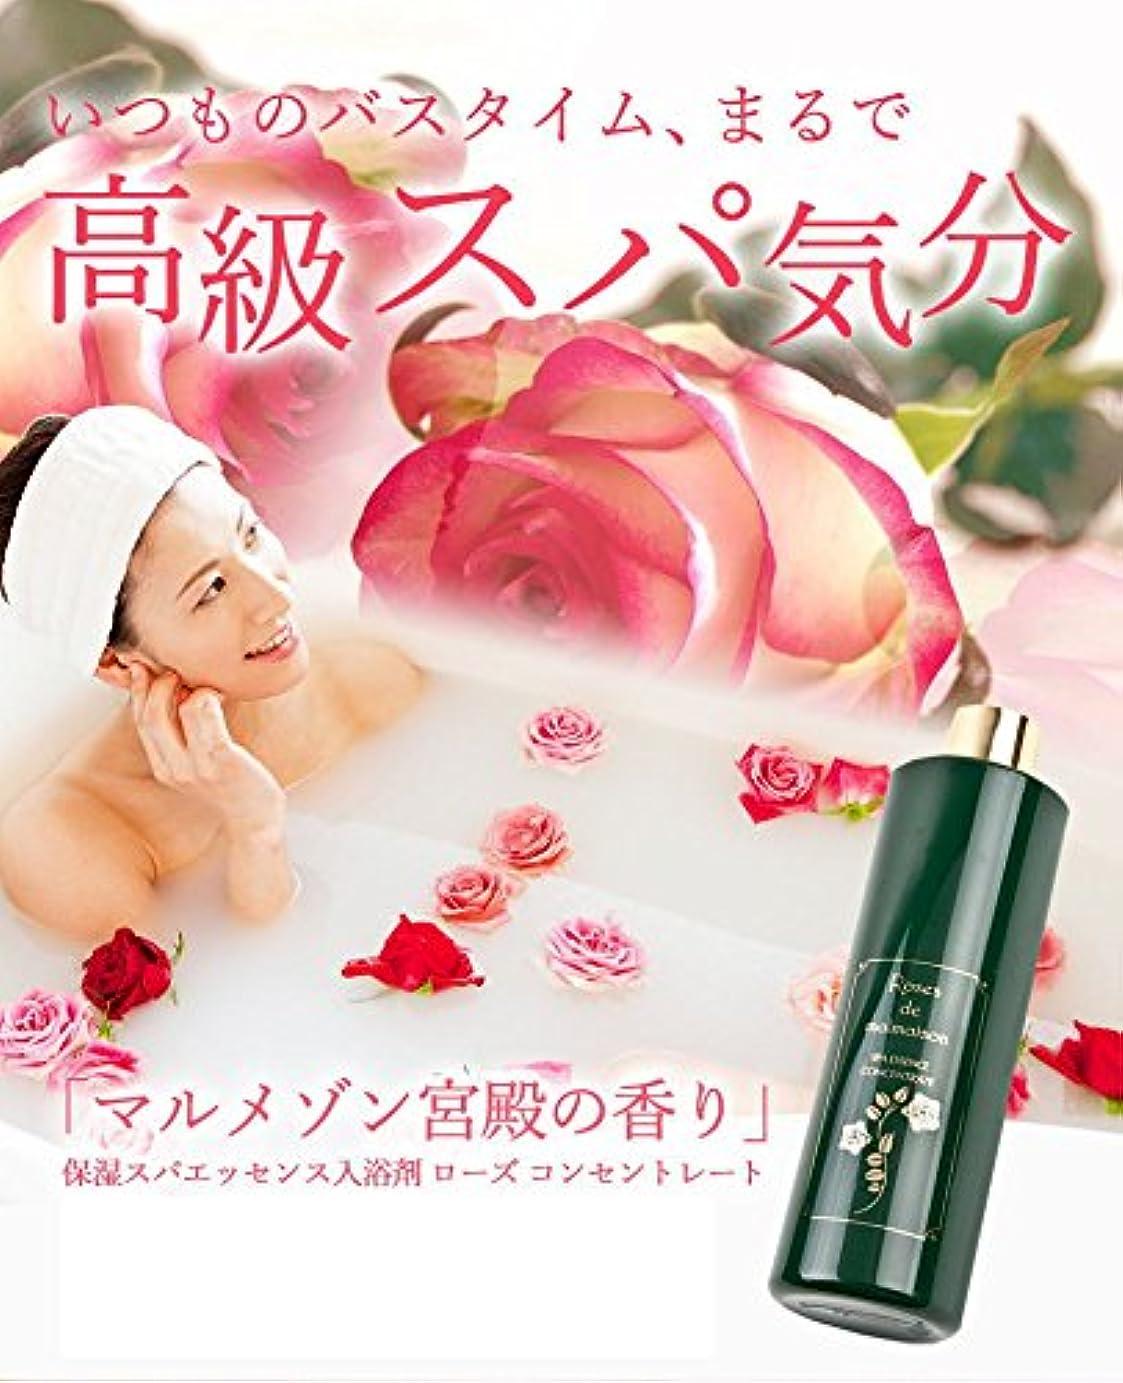 知る興奮する驚くべきローズドマルメゾン スパエッセンス コンセントレート バラの香りの入浴剤 天然ローズの香り 高級スパのような入浴剤